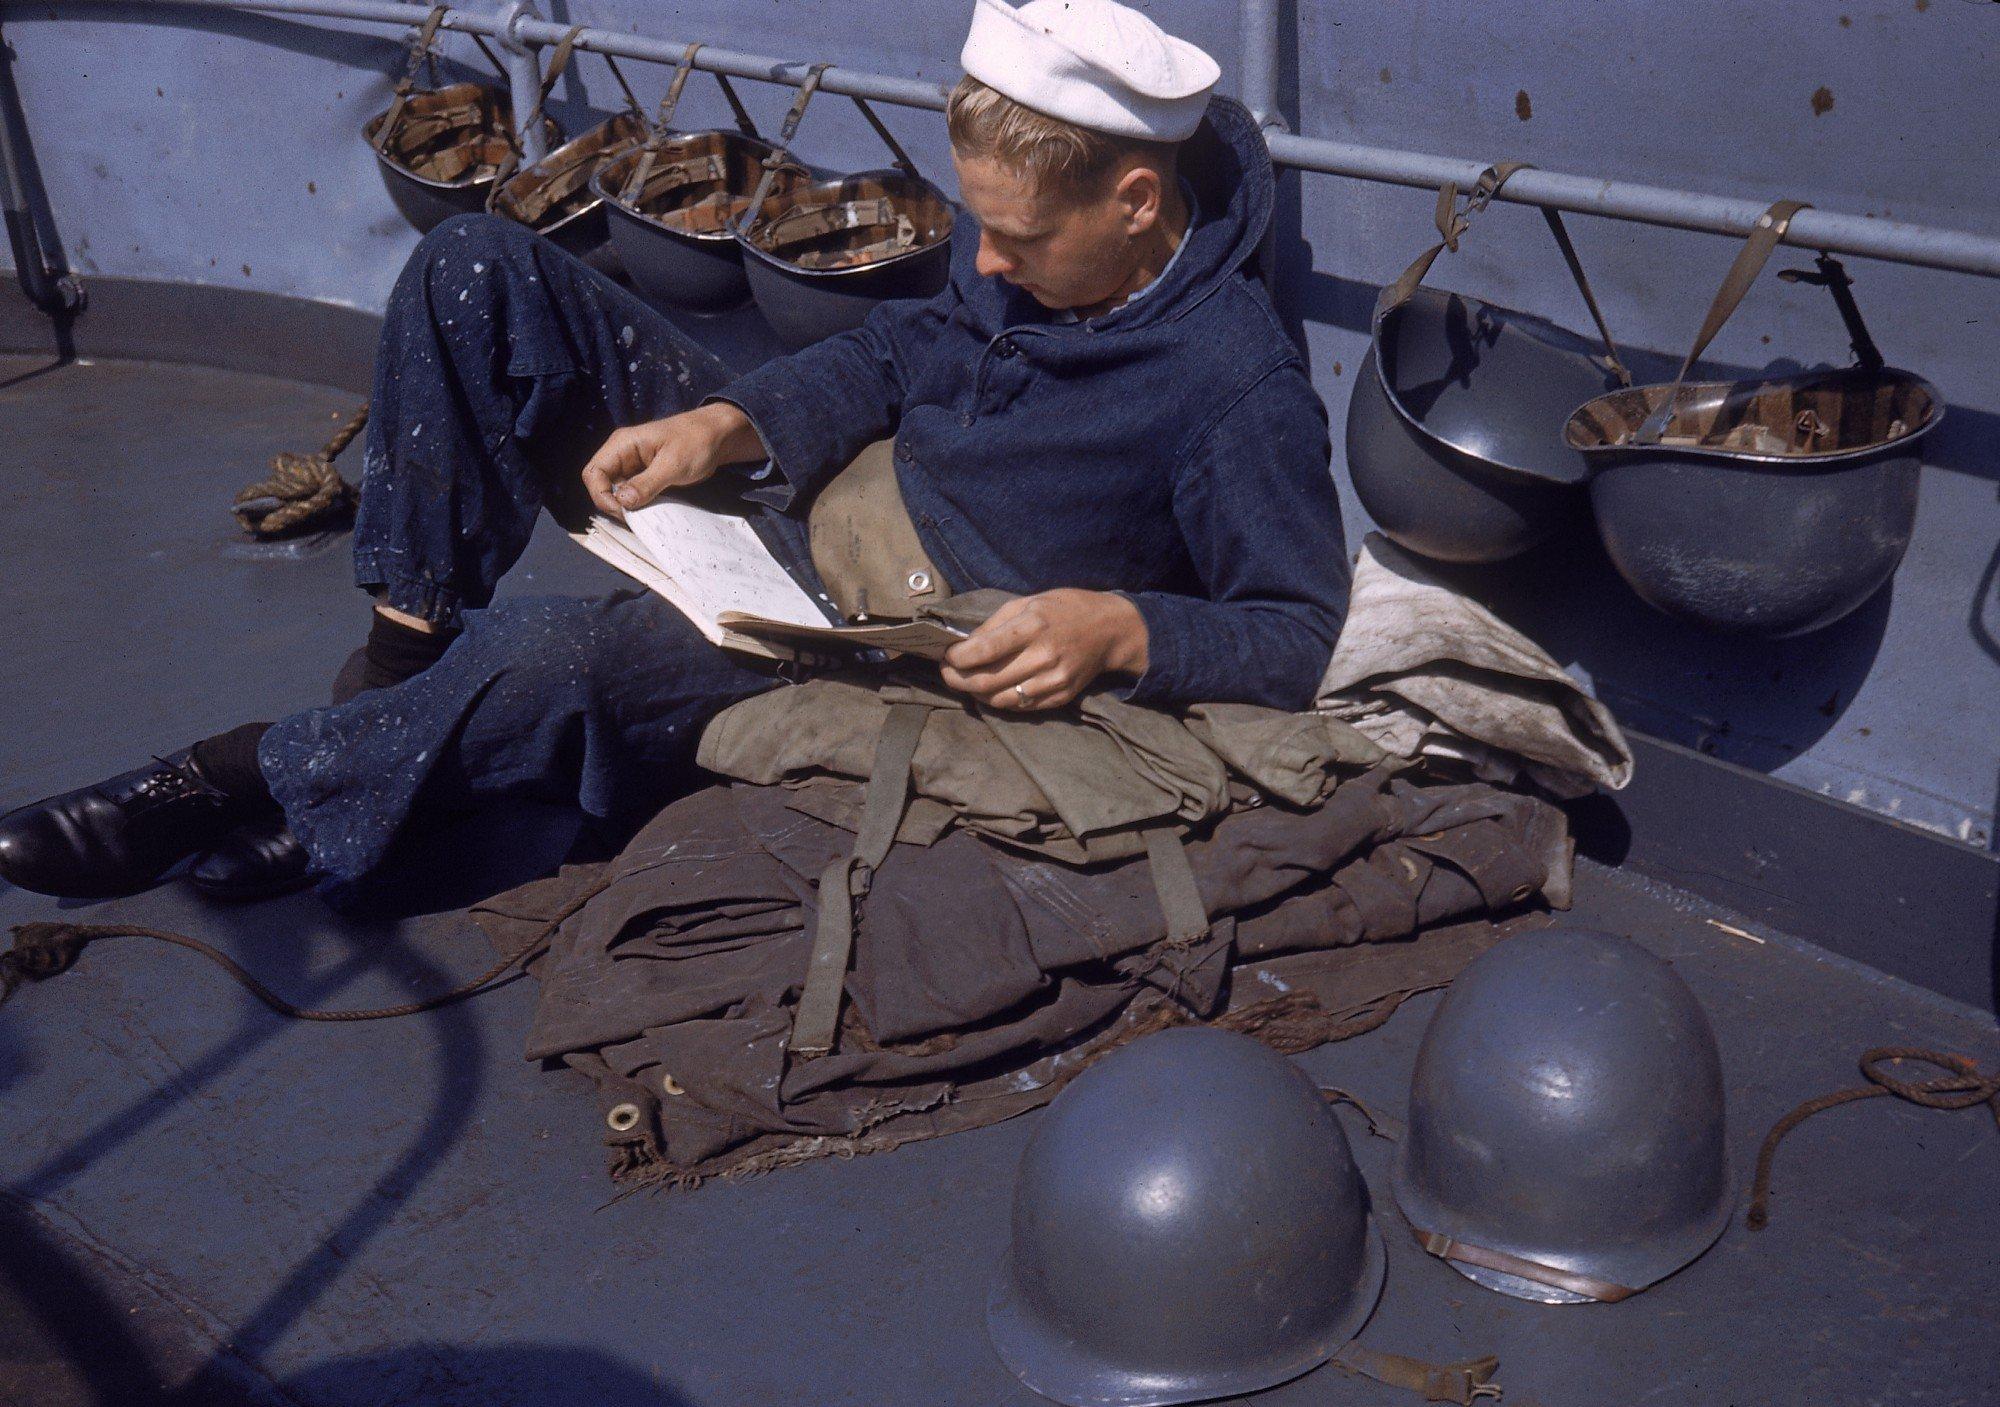 Marinheiro deitado na duffel bag